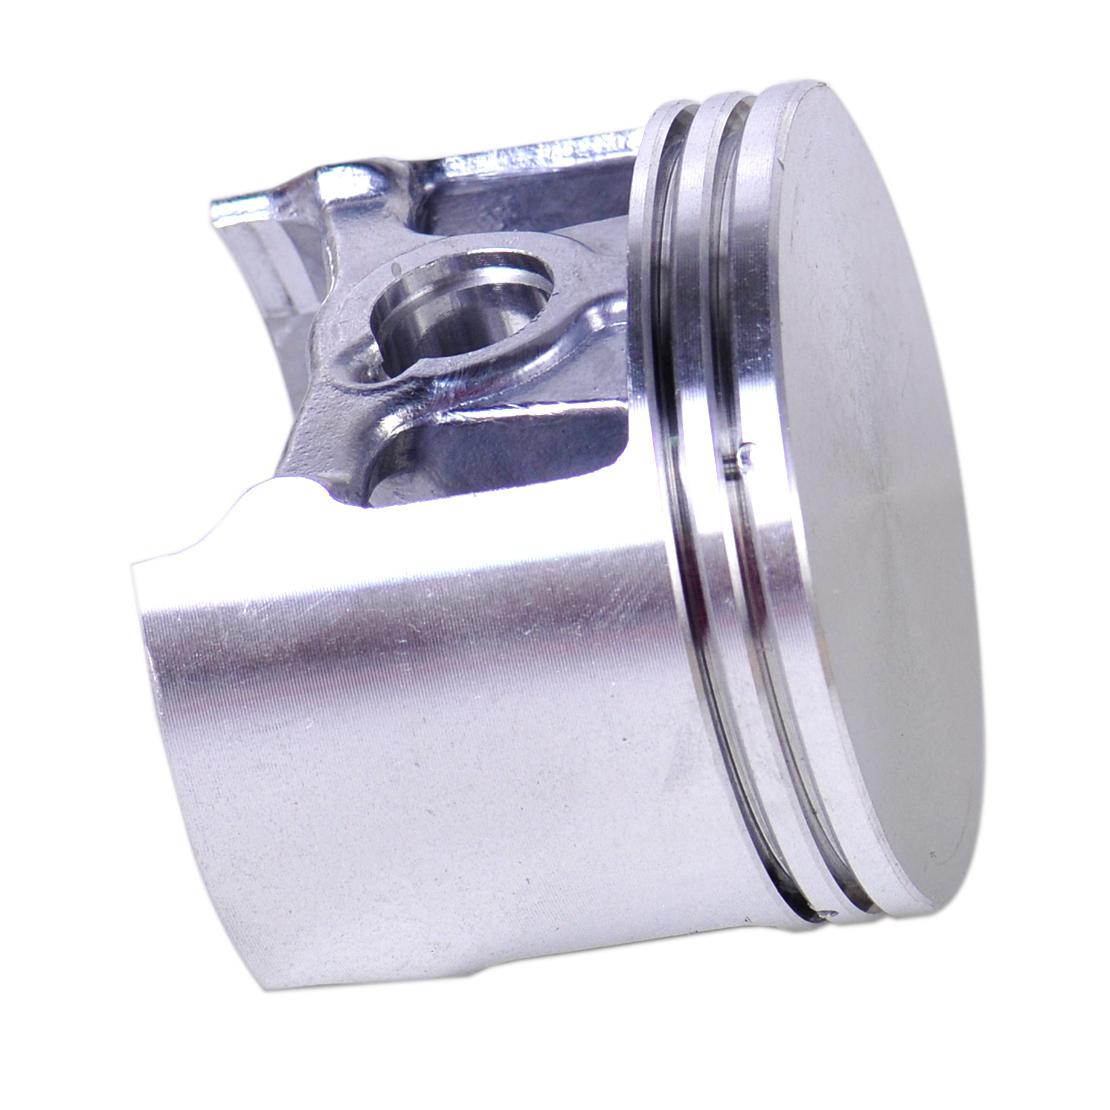 1122 020 1211 54mm Kolben Zylinder Dichtsatz für Stihl 066 MS660 Chainsaw Neu